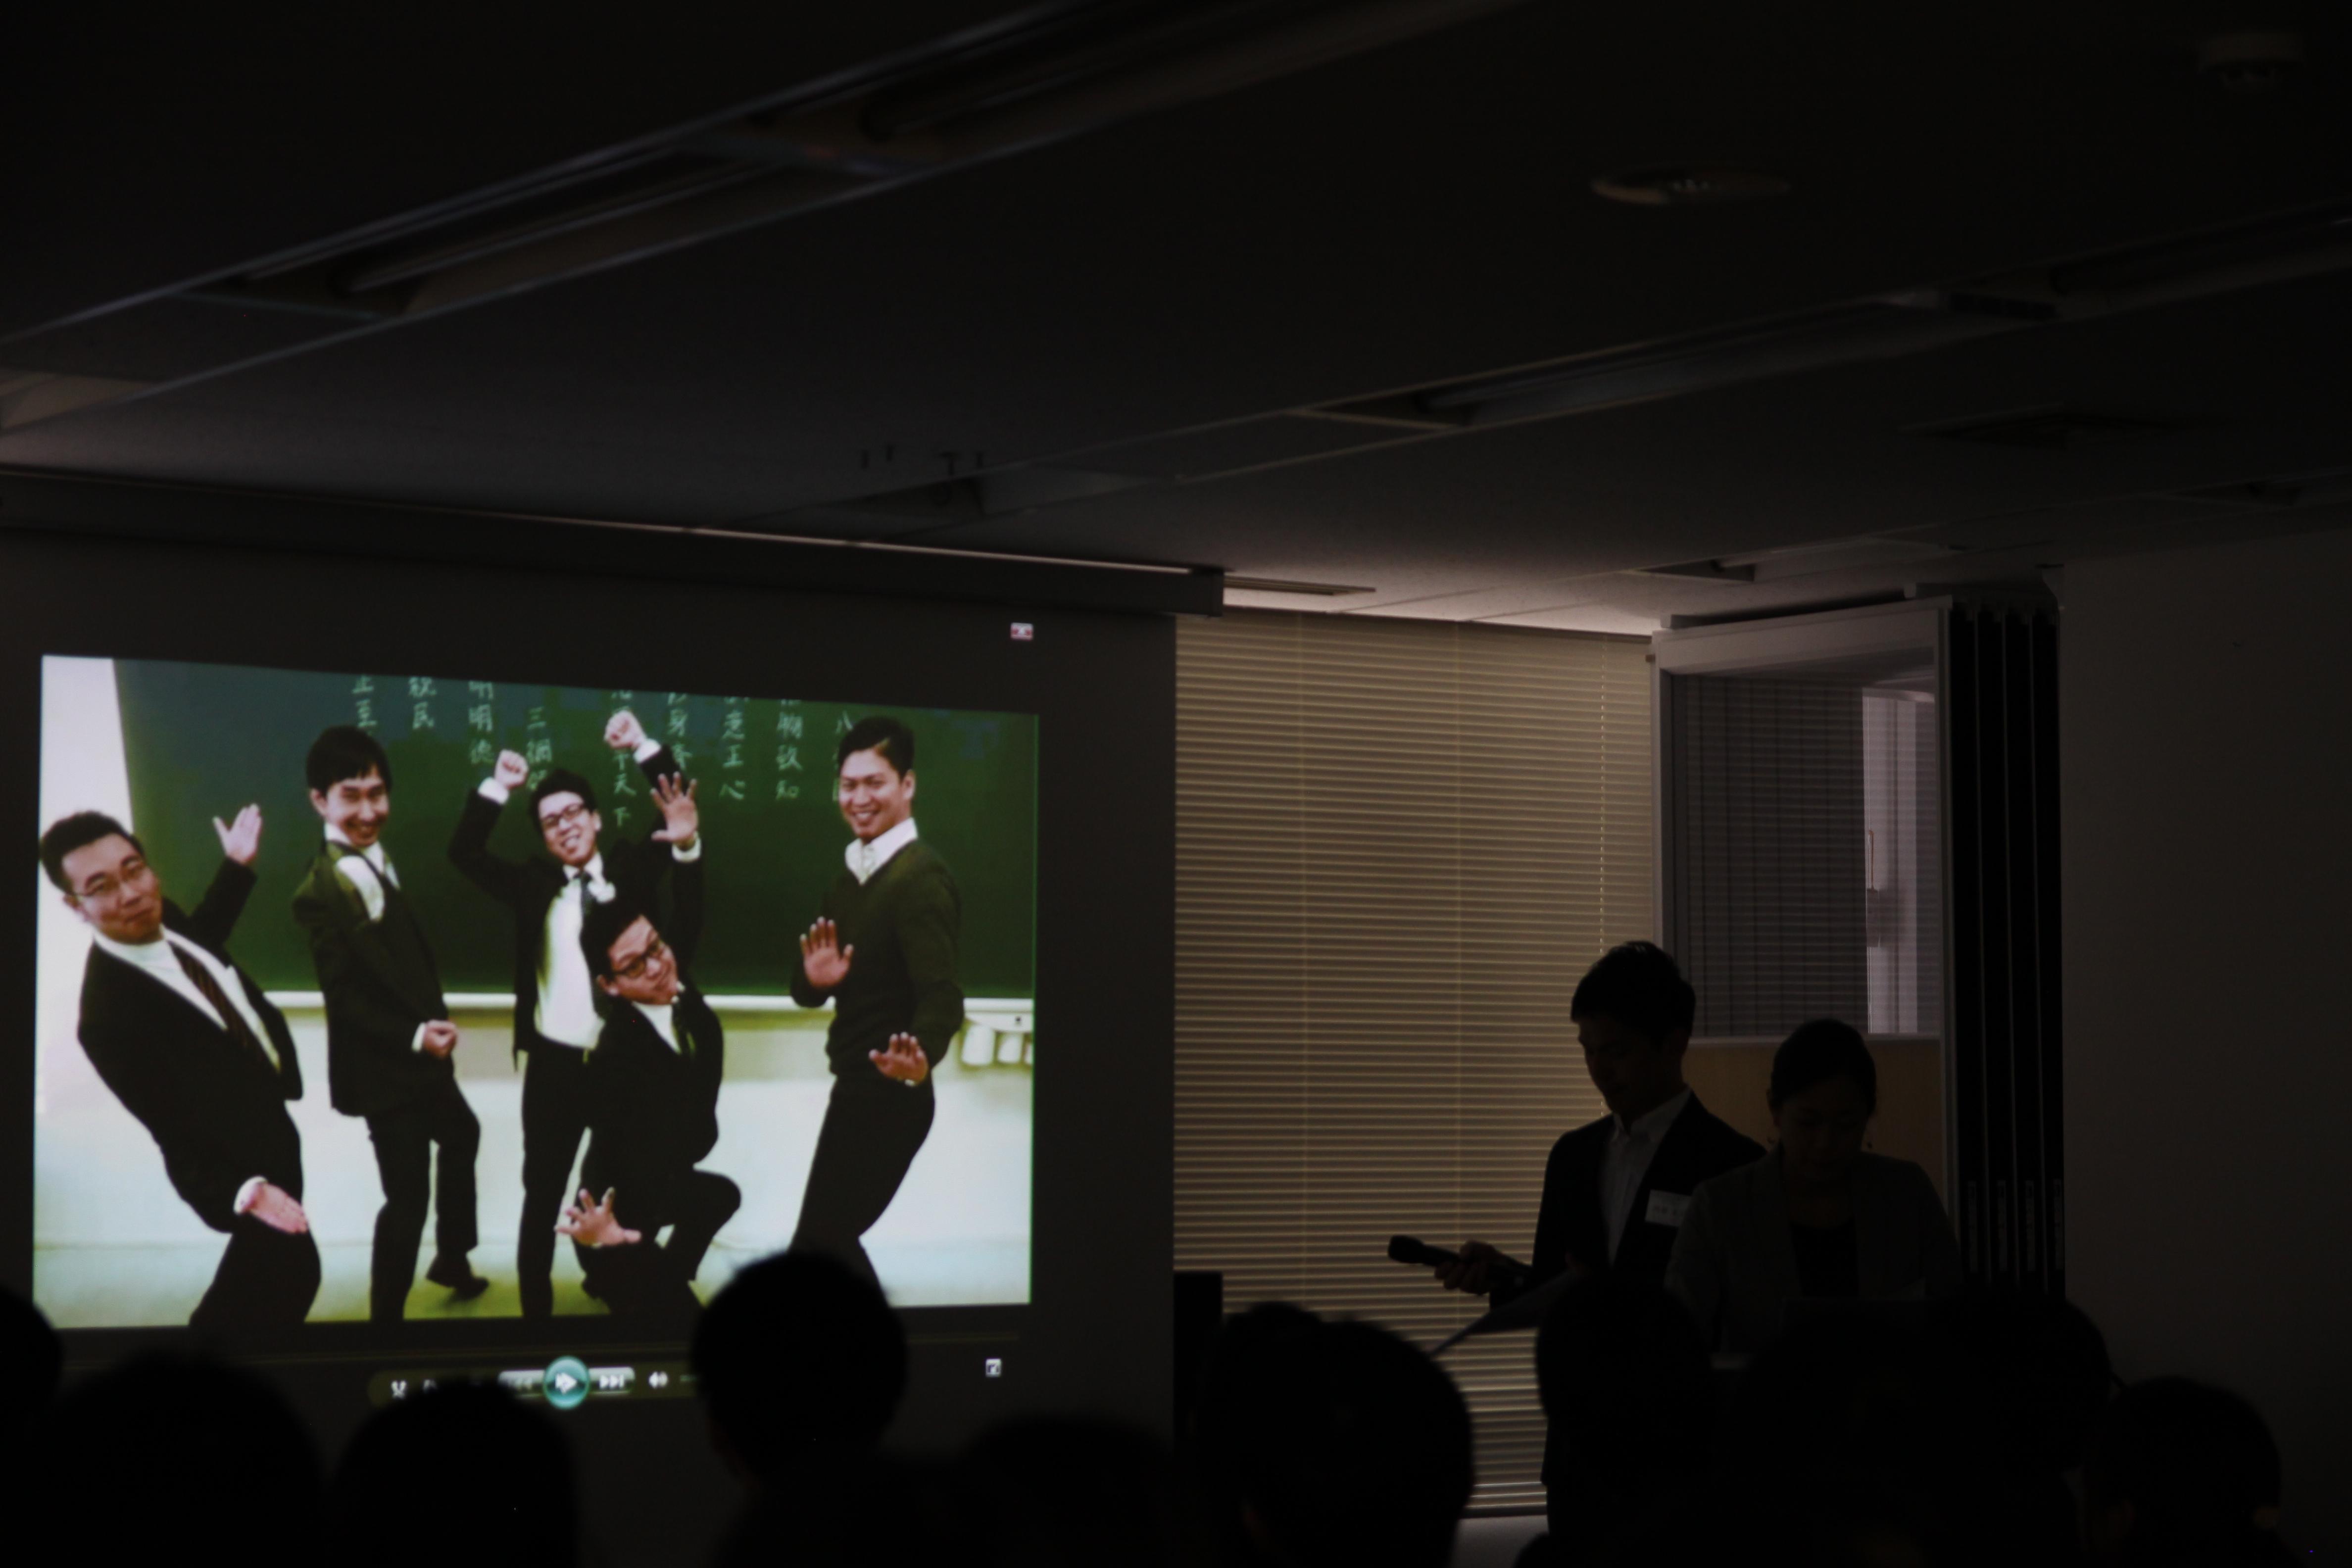 IMG 4535 - 関東若獅子の会、記念すべき第100回